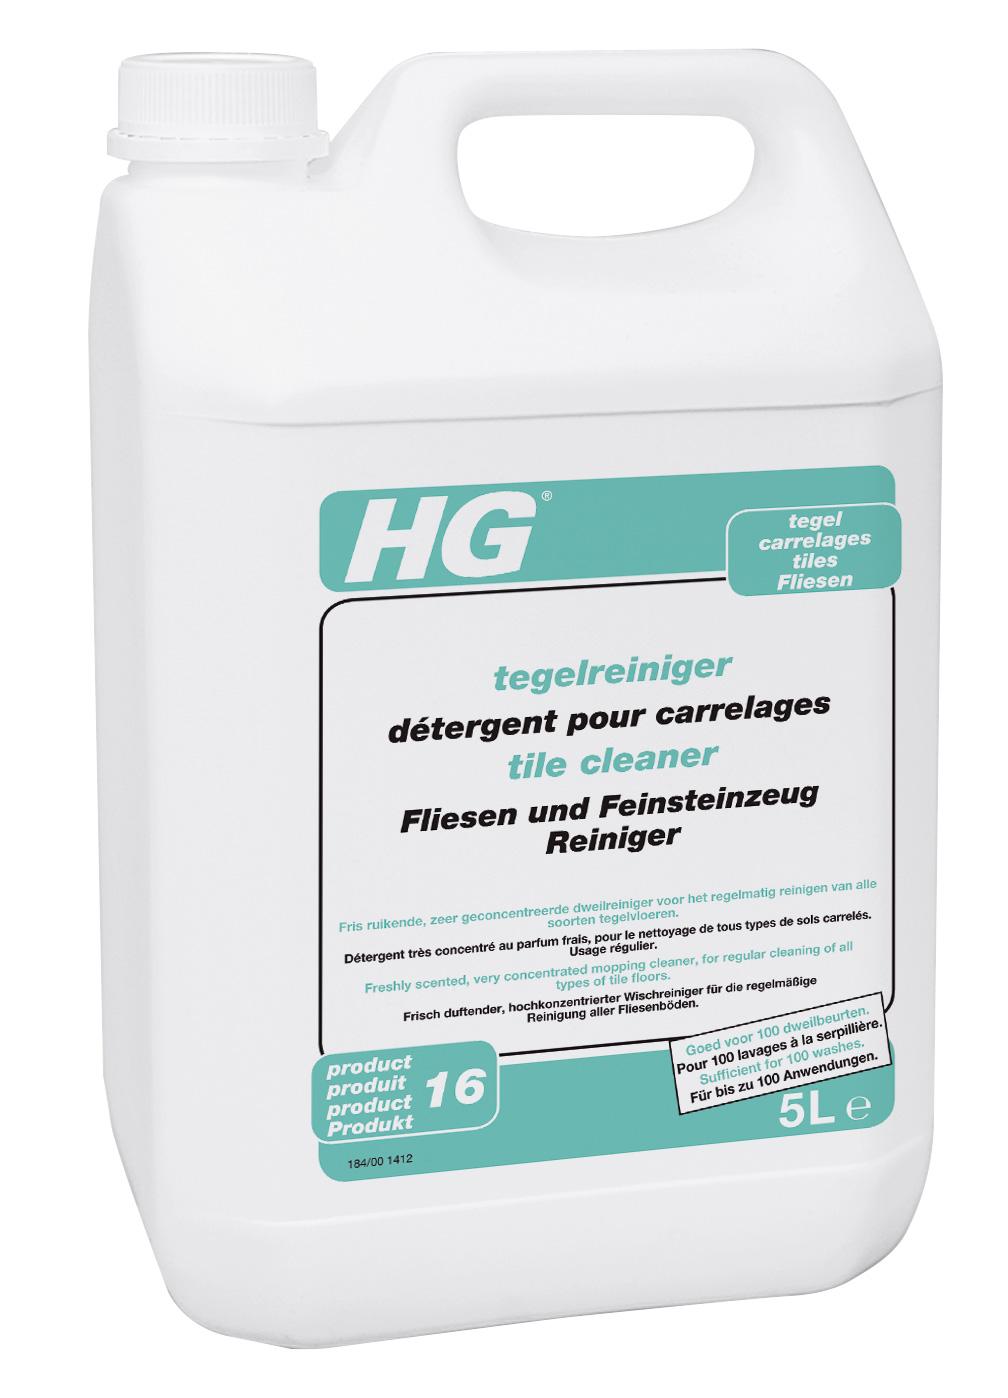 HG Fliesen- und Feinsteinzeug-Reiniger 5 Liter Bild 1